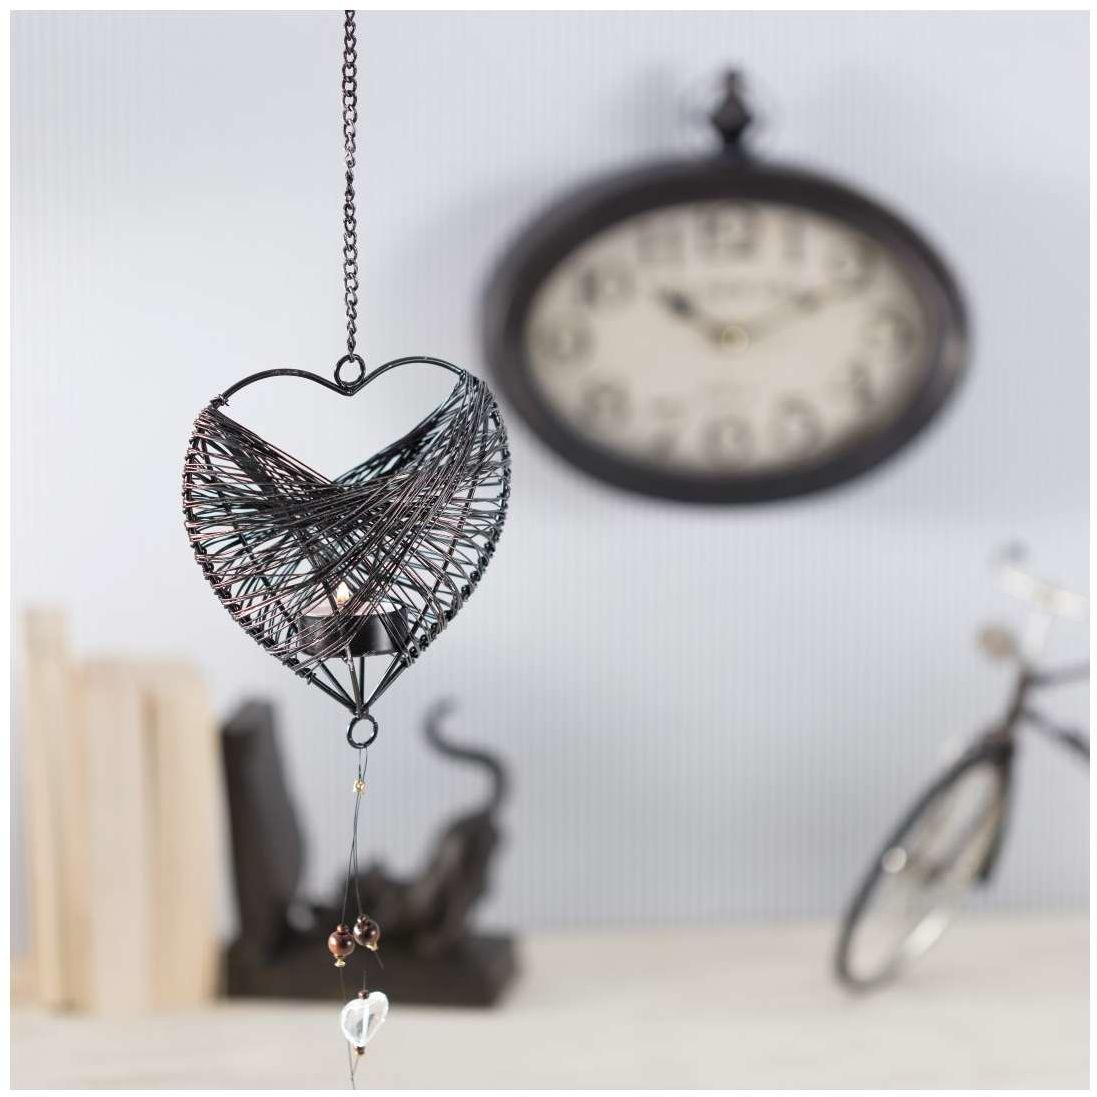 Świecznik wiszący Wire Heart 77cm, 14  8  77 cm